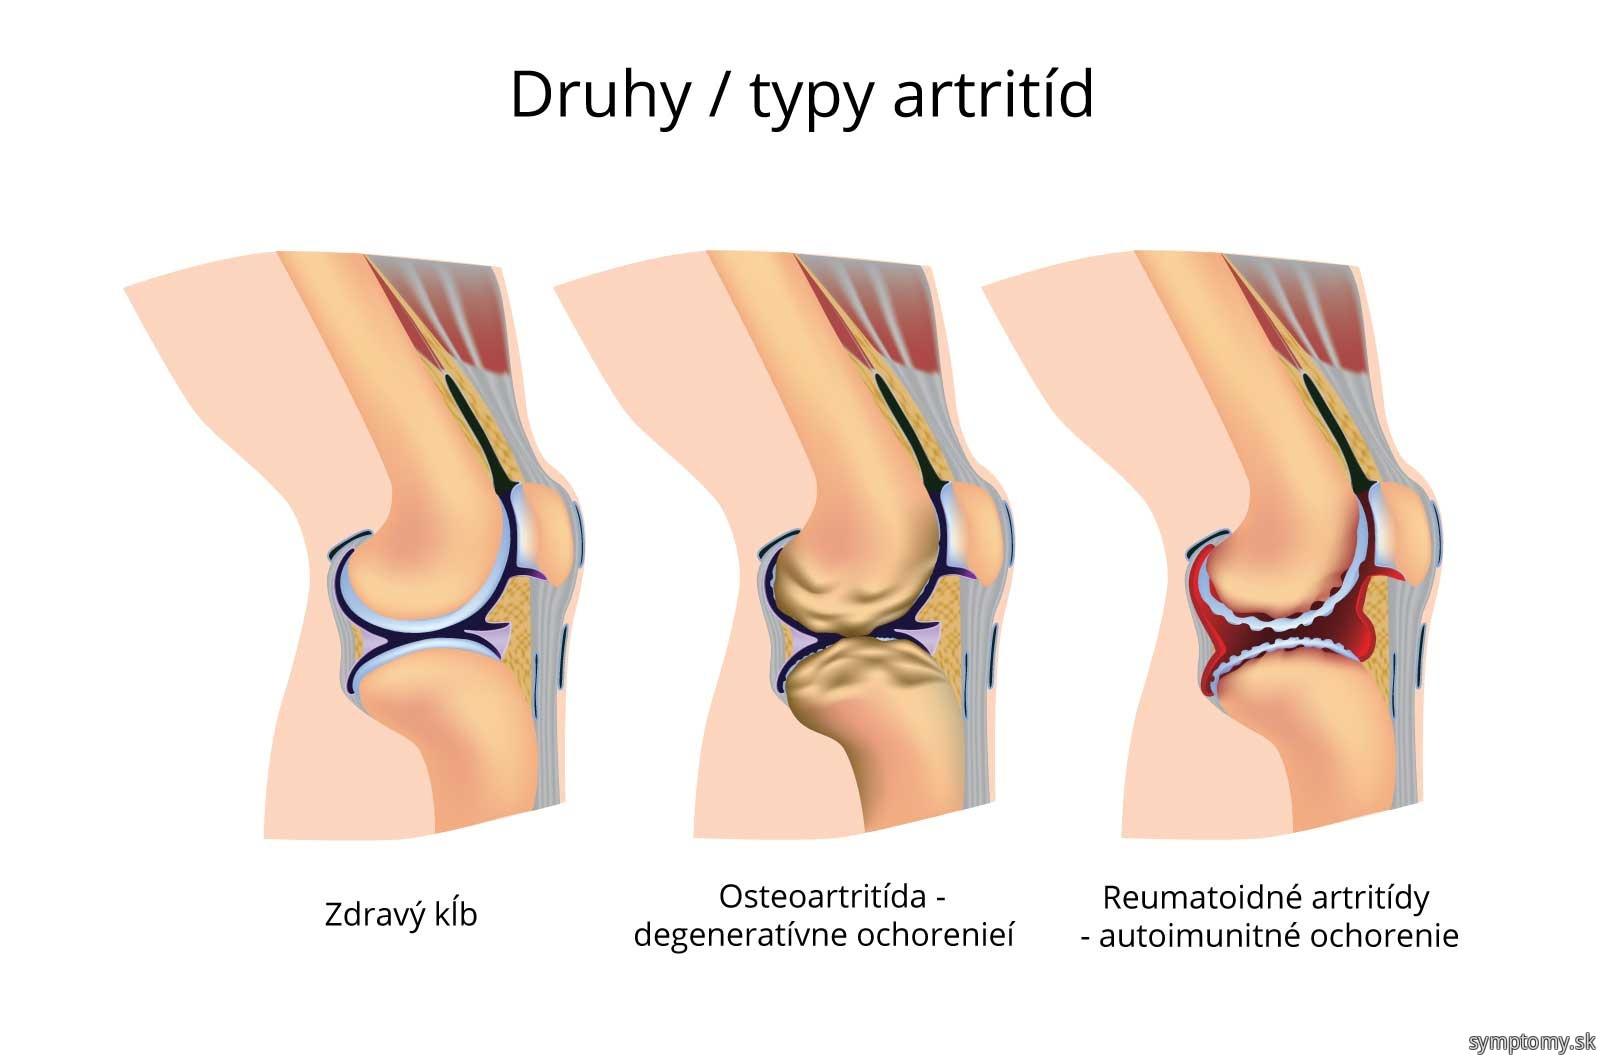 Druhy / typy artritíd